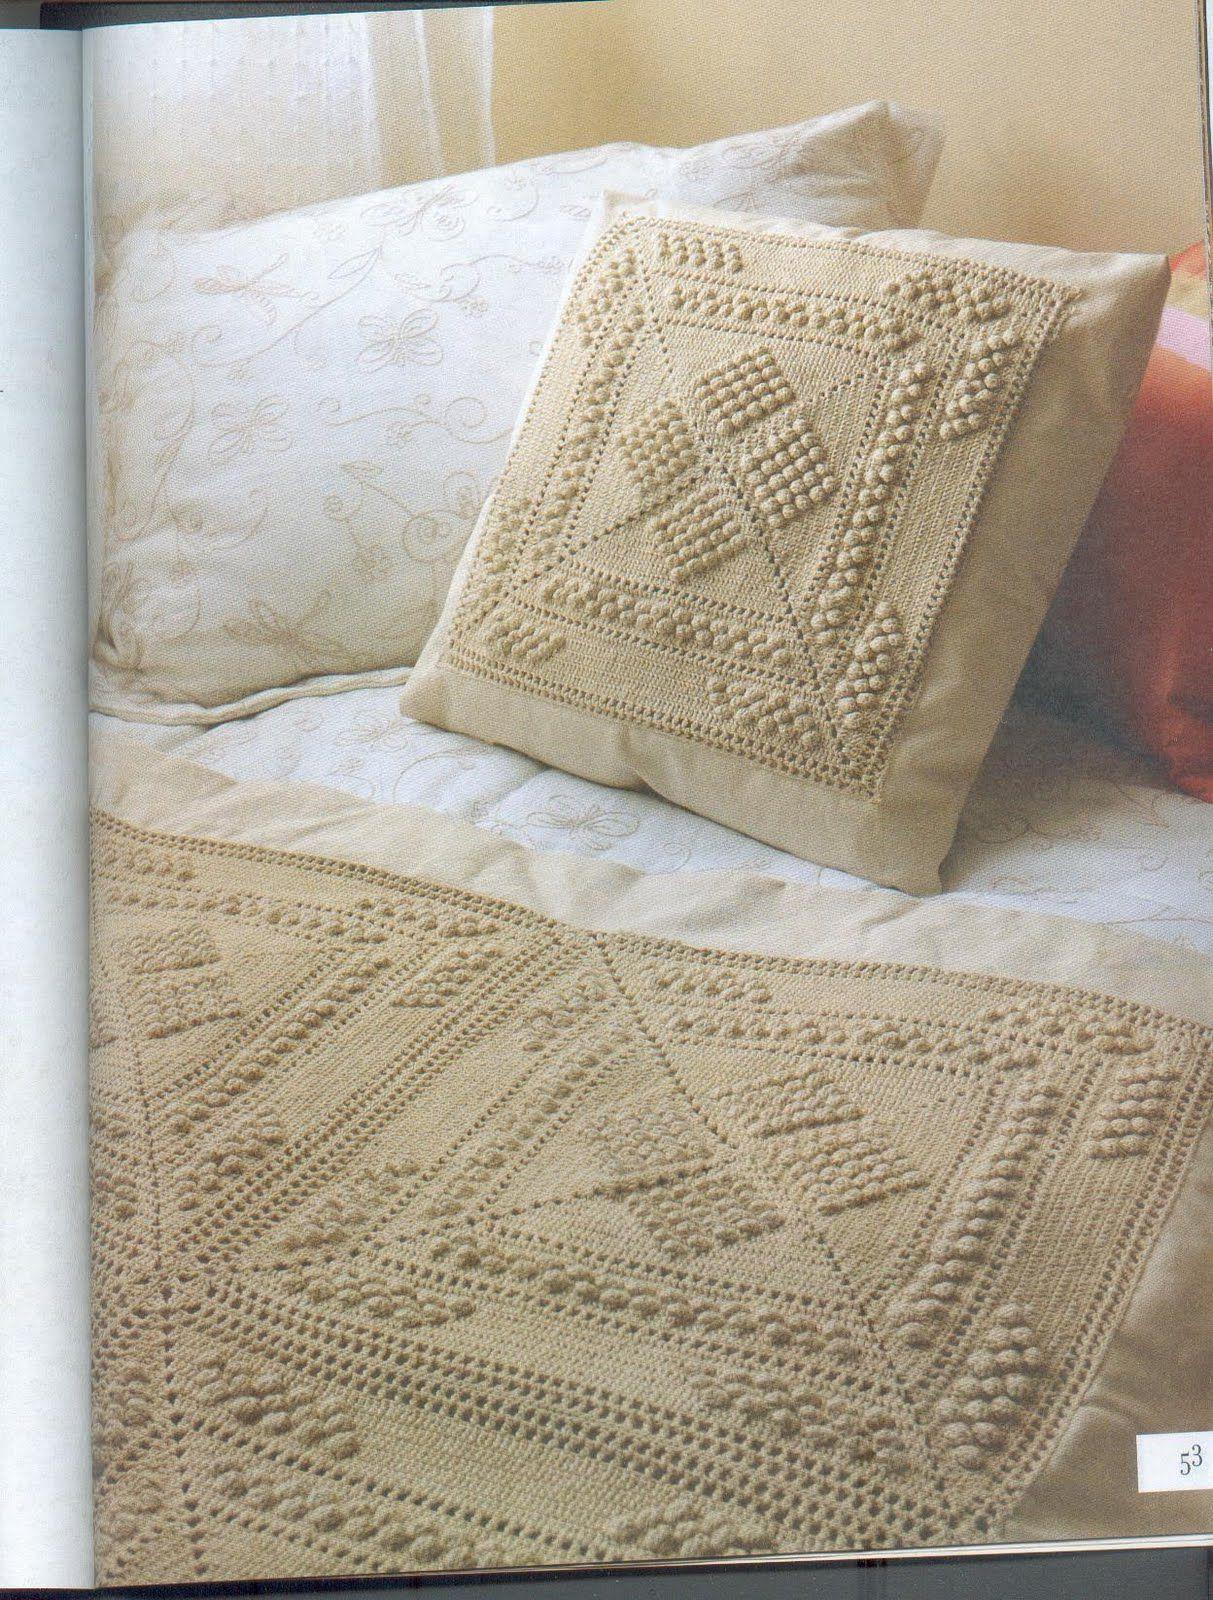 tejidos casa tejidos decorativos hogar tejido tejido mantas tejidos a palillos mantas cubrecamas cojines pieceras mantas colchas ganchillo